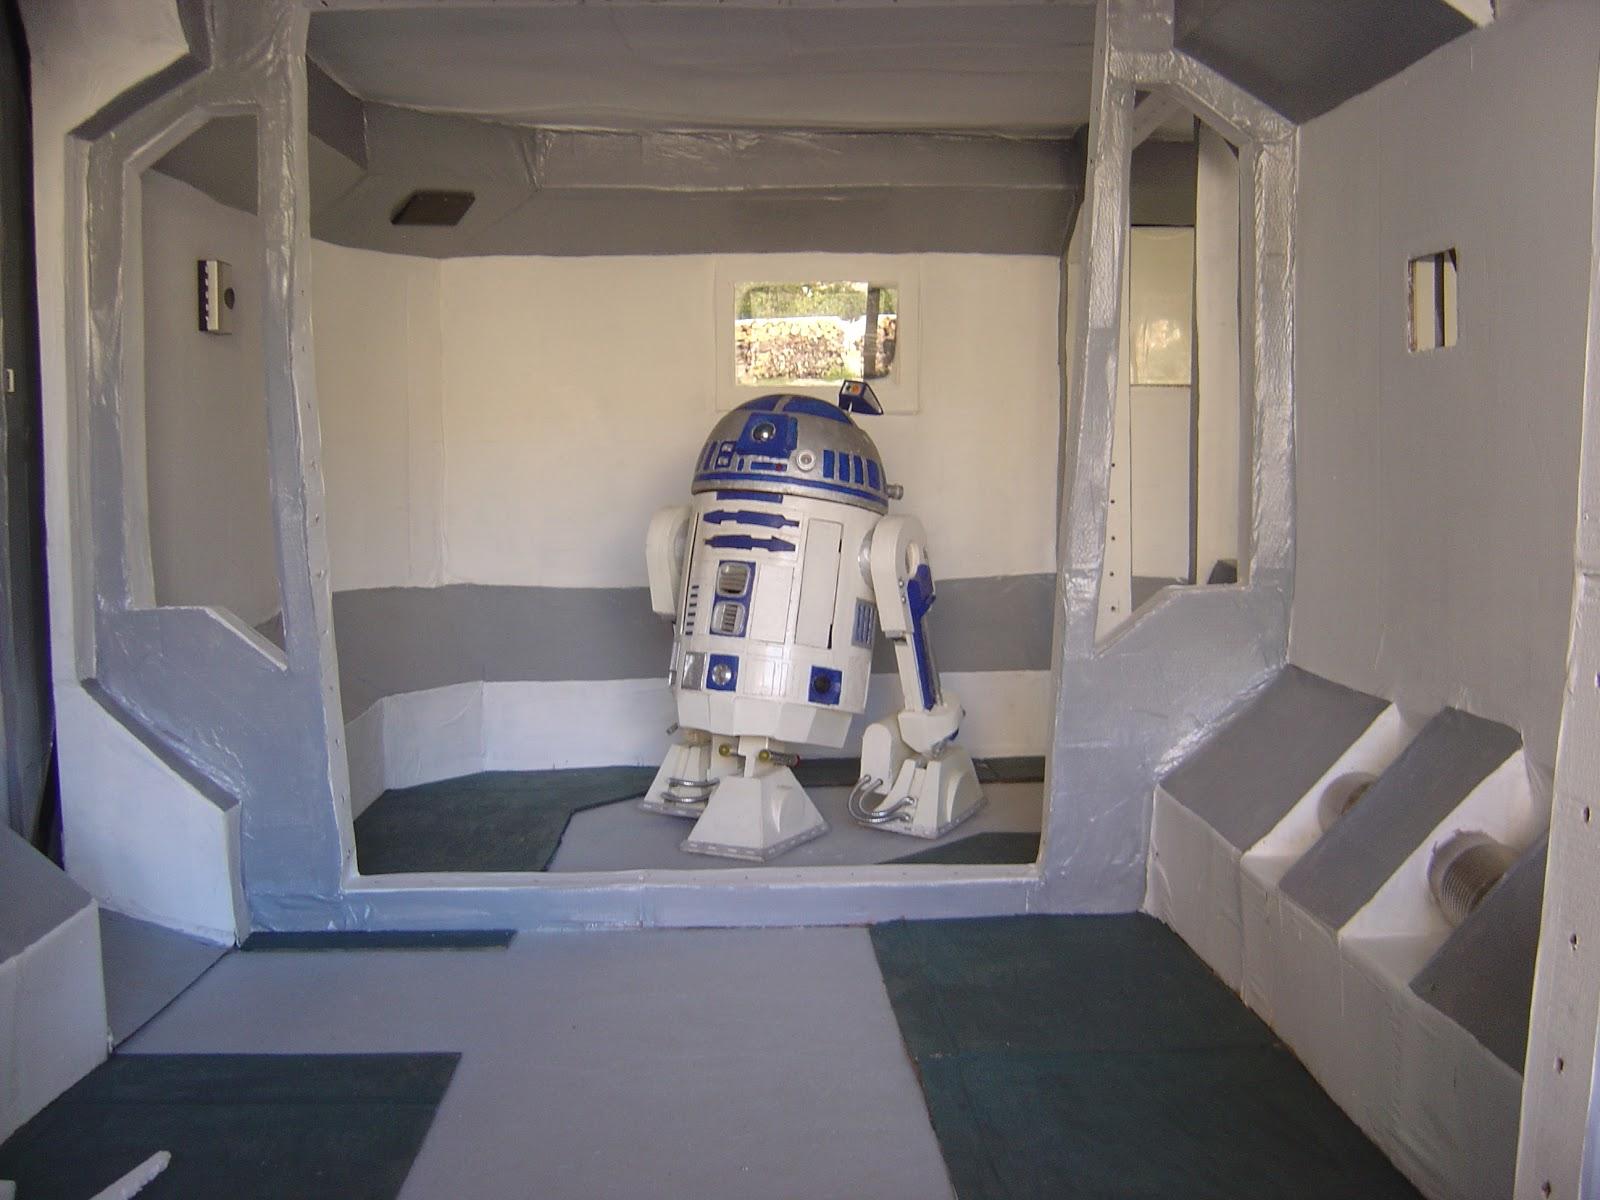 d tail de fabrication de maquette star wars et d 39 objet steampunk d cembre 2012. Black Bedroom Furniture Sets. Home Design Ideas